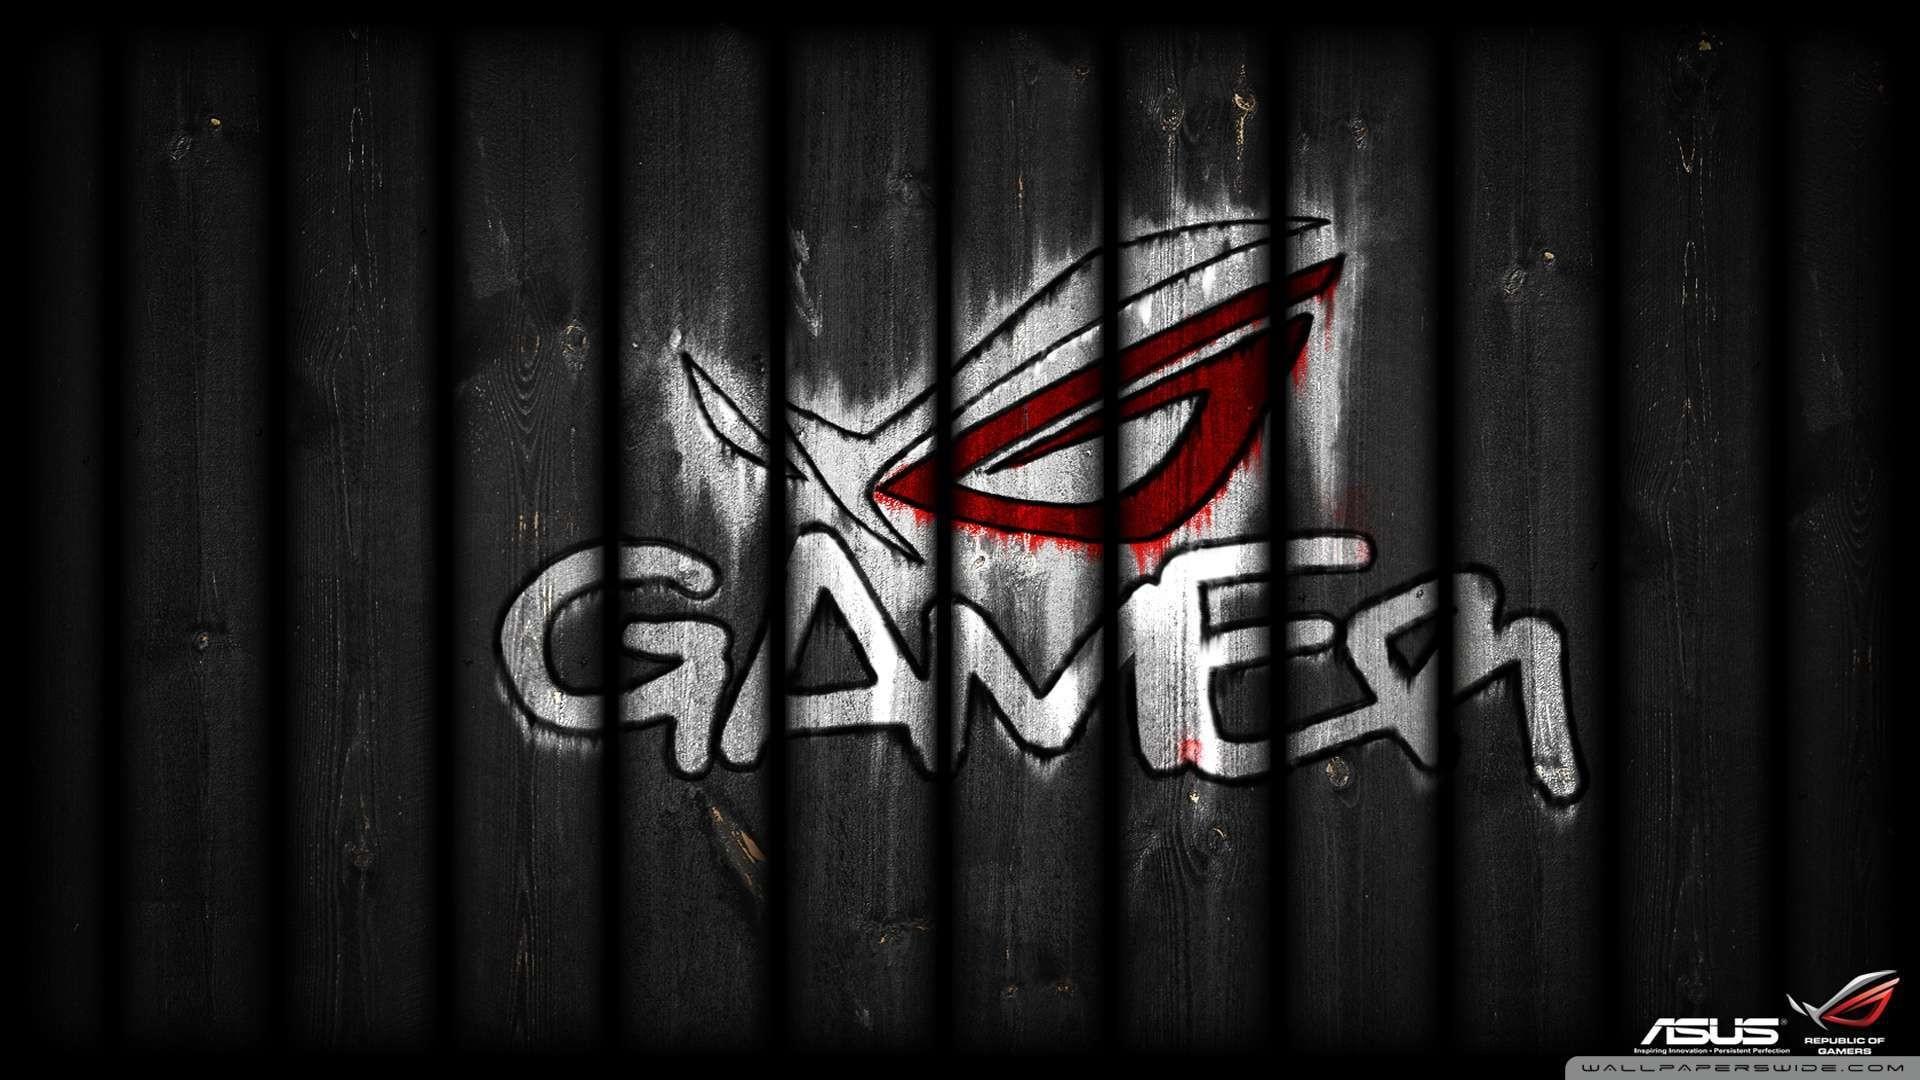 Wallpaper: Asus Republic Of Gamers Graffiti Wallpaper 1080p HD. Upload .